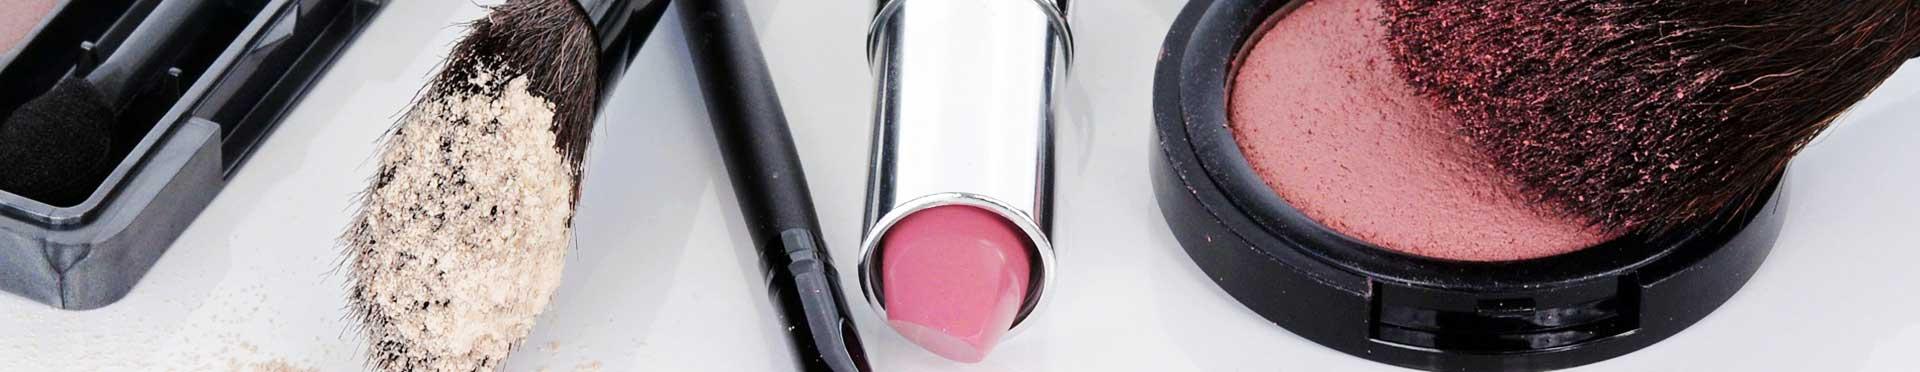 Implantación de buenas prácticas en productos cosméticos